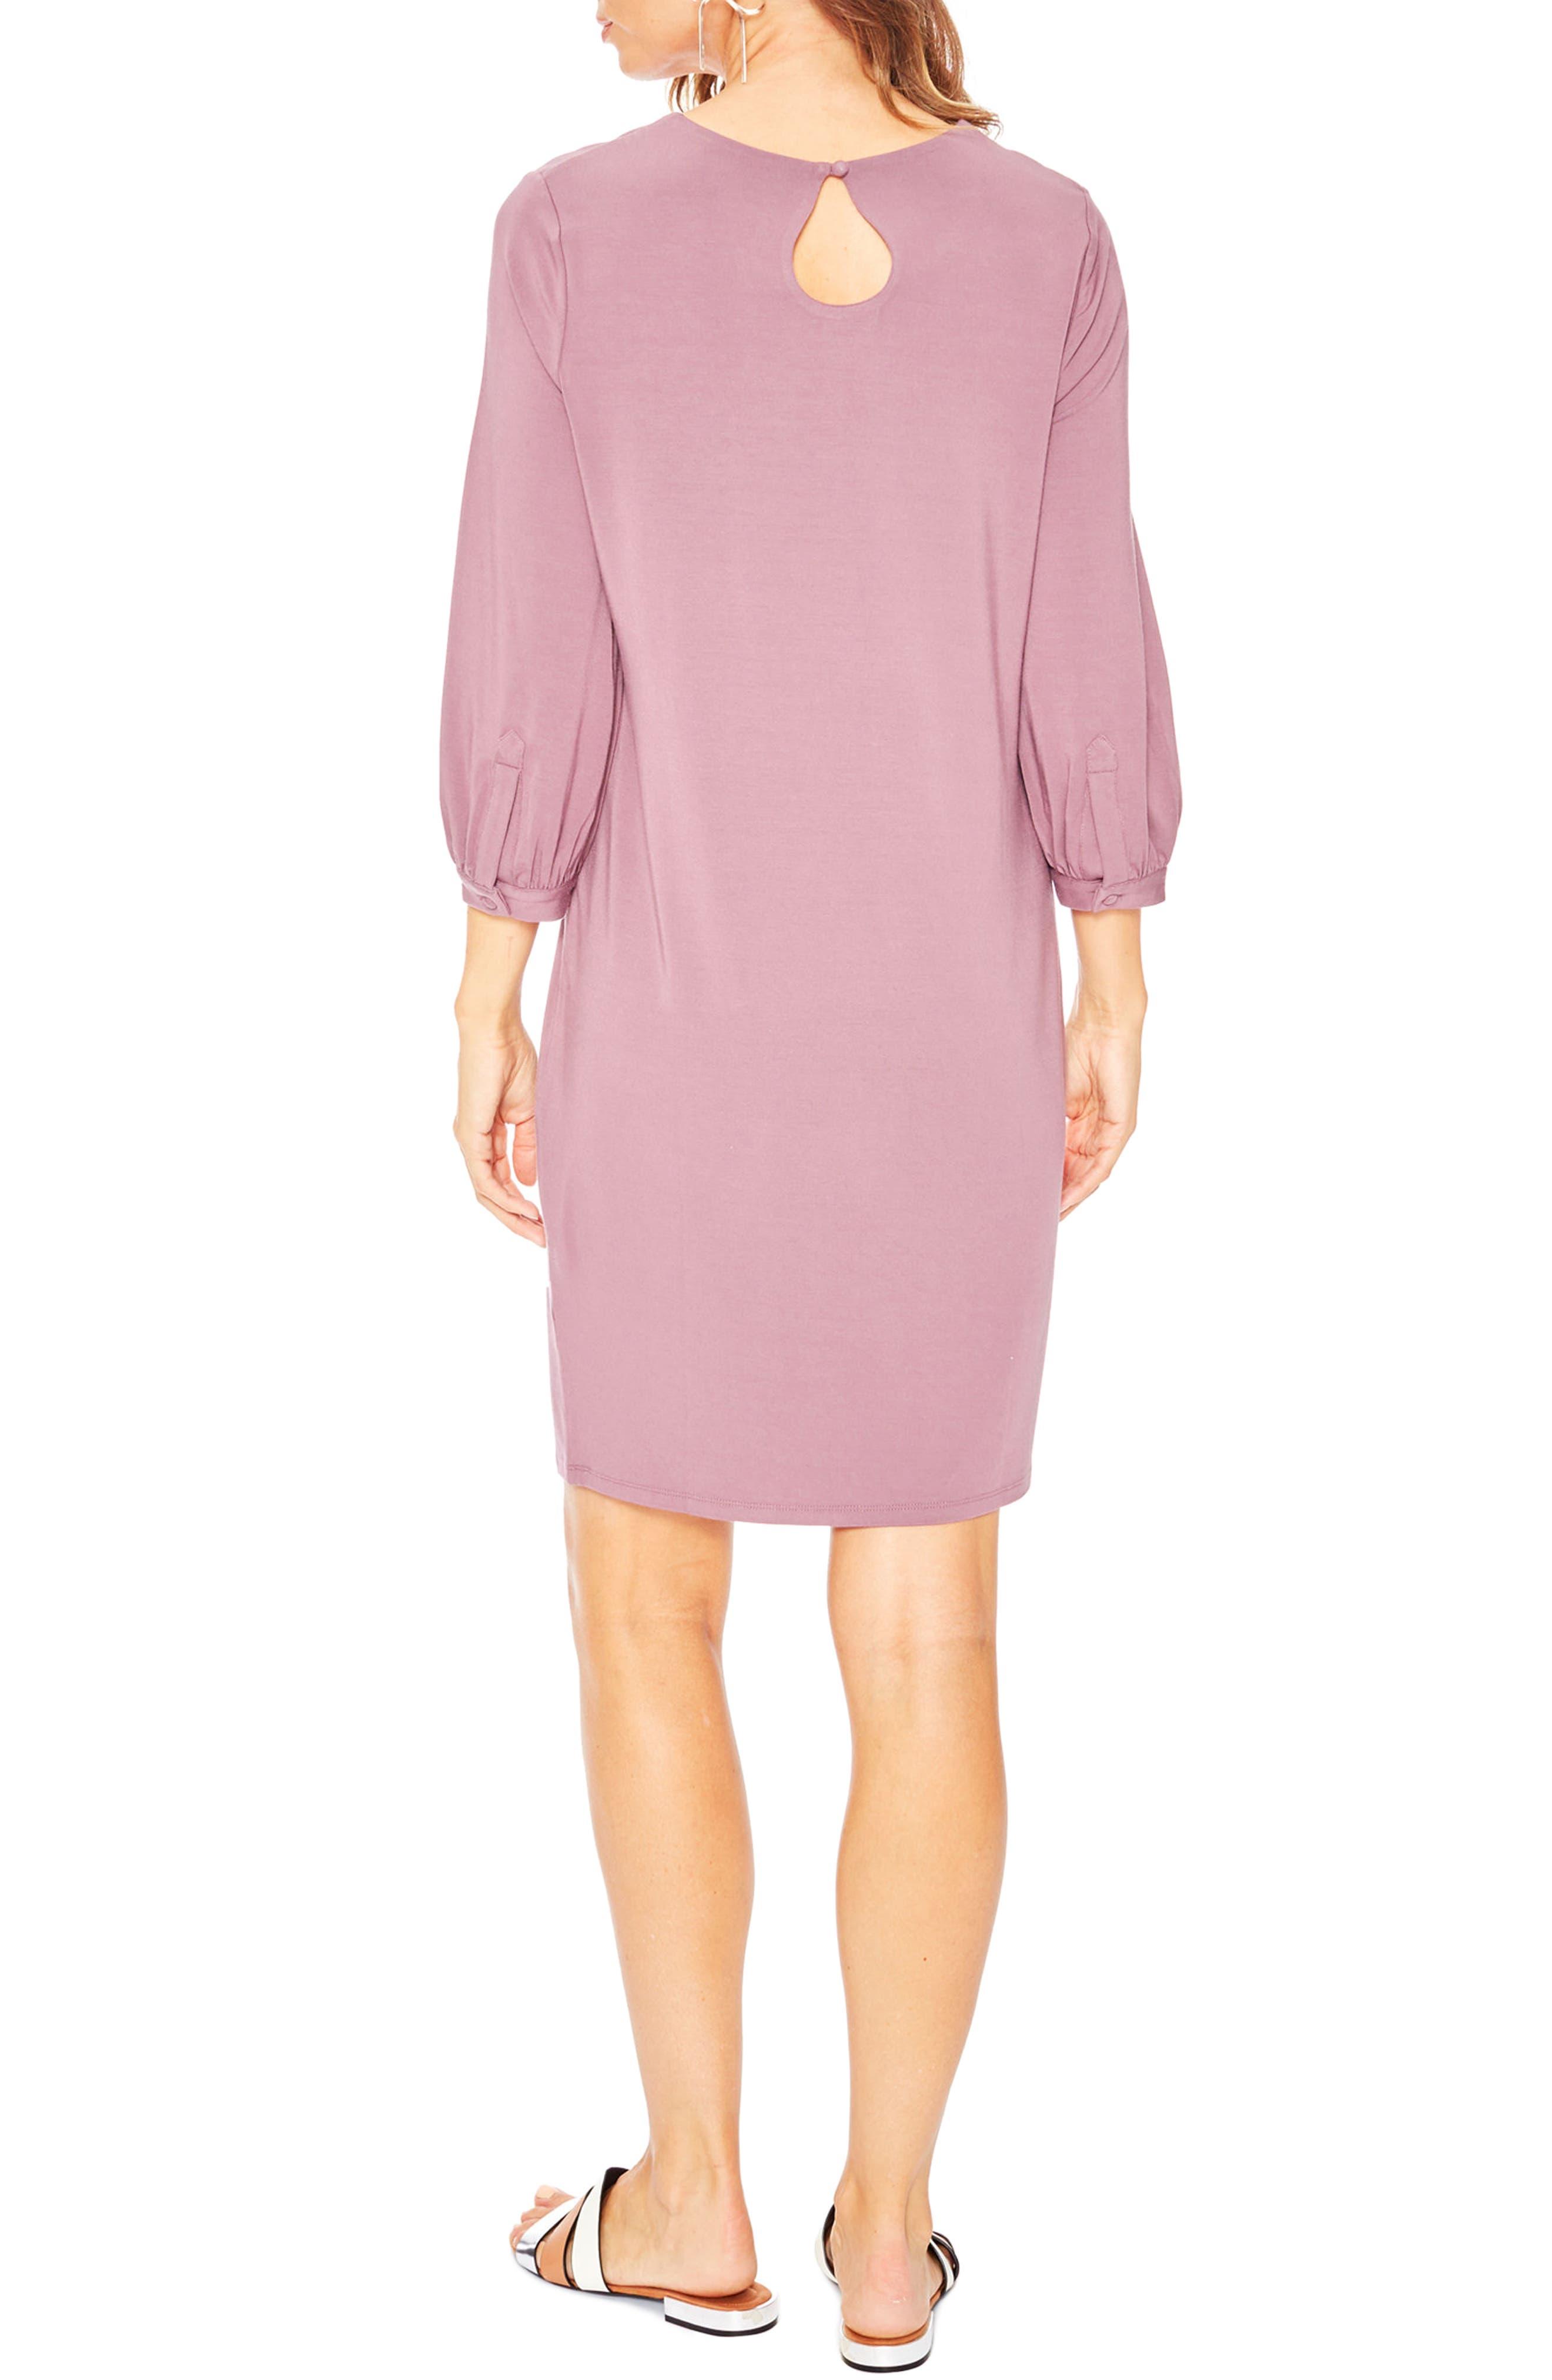 'Hampton' Maternity Dress,                             Alternate thumbnail 2, color,                             Stone Rose